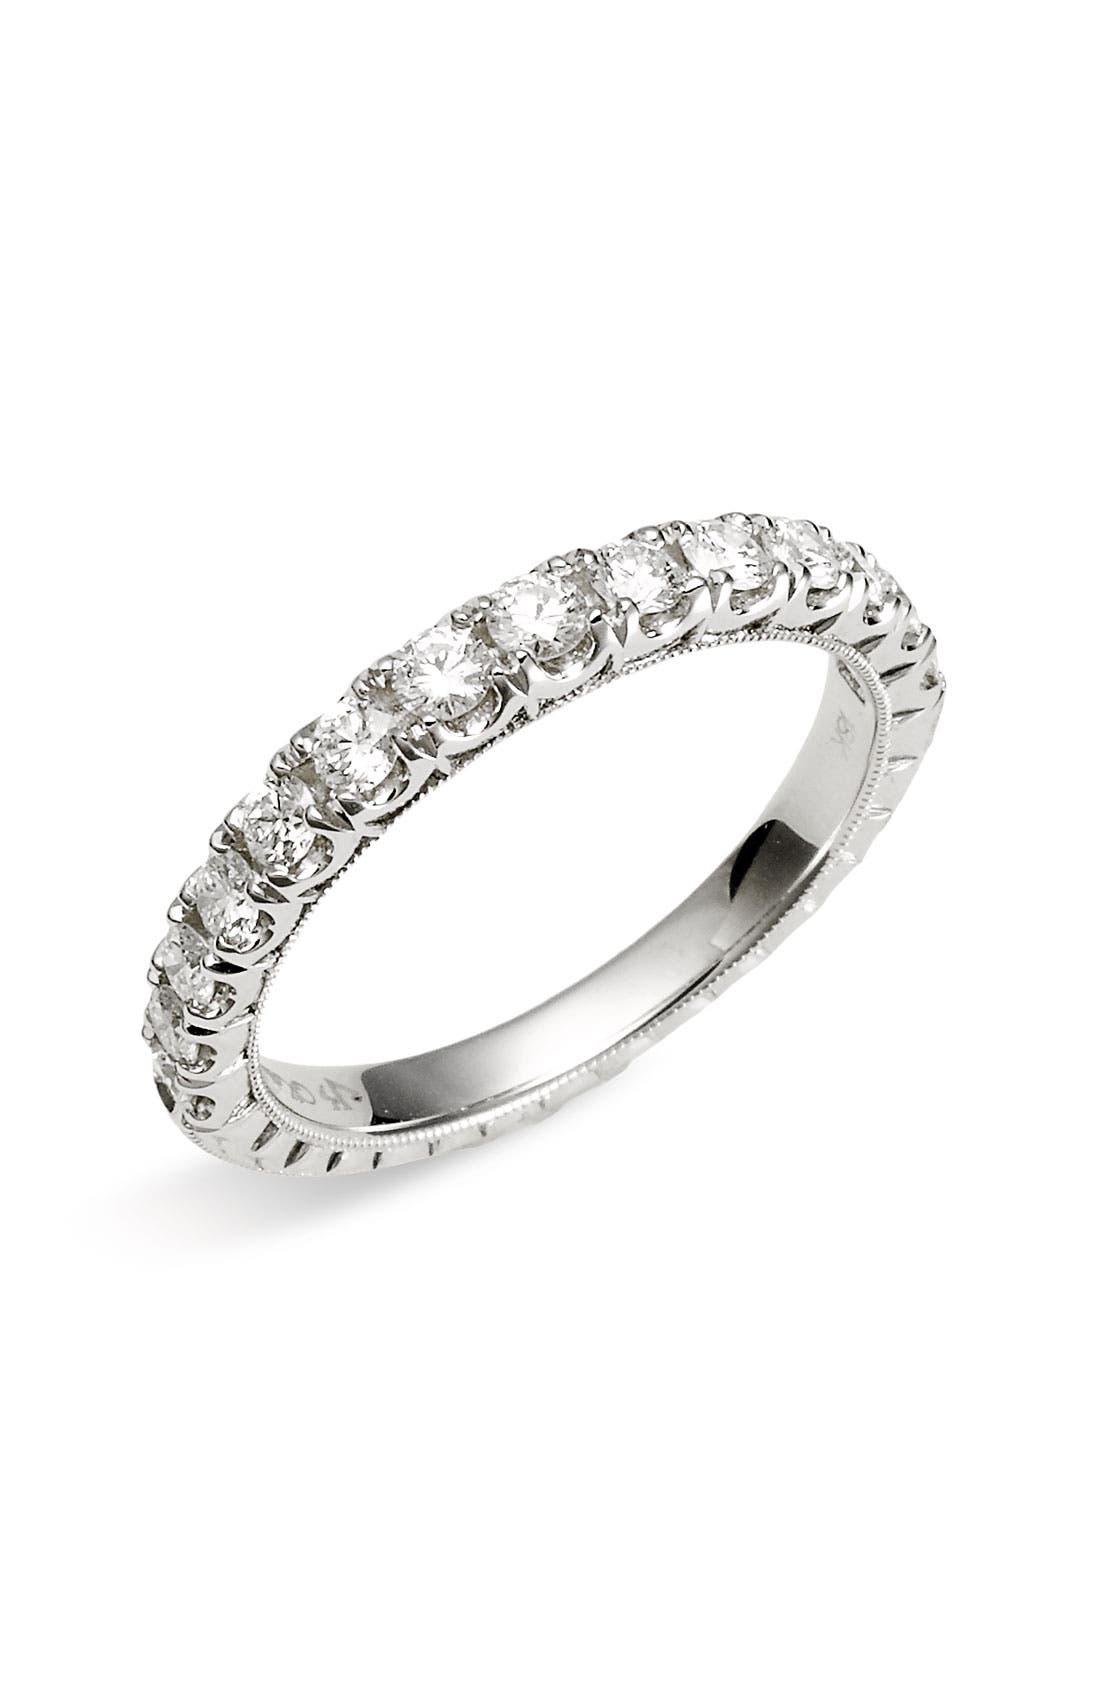 Main Image - Jack Kelége 'Romance' Diamond Ring